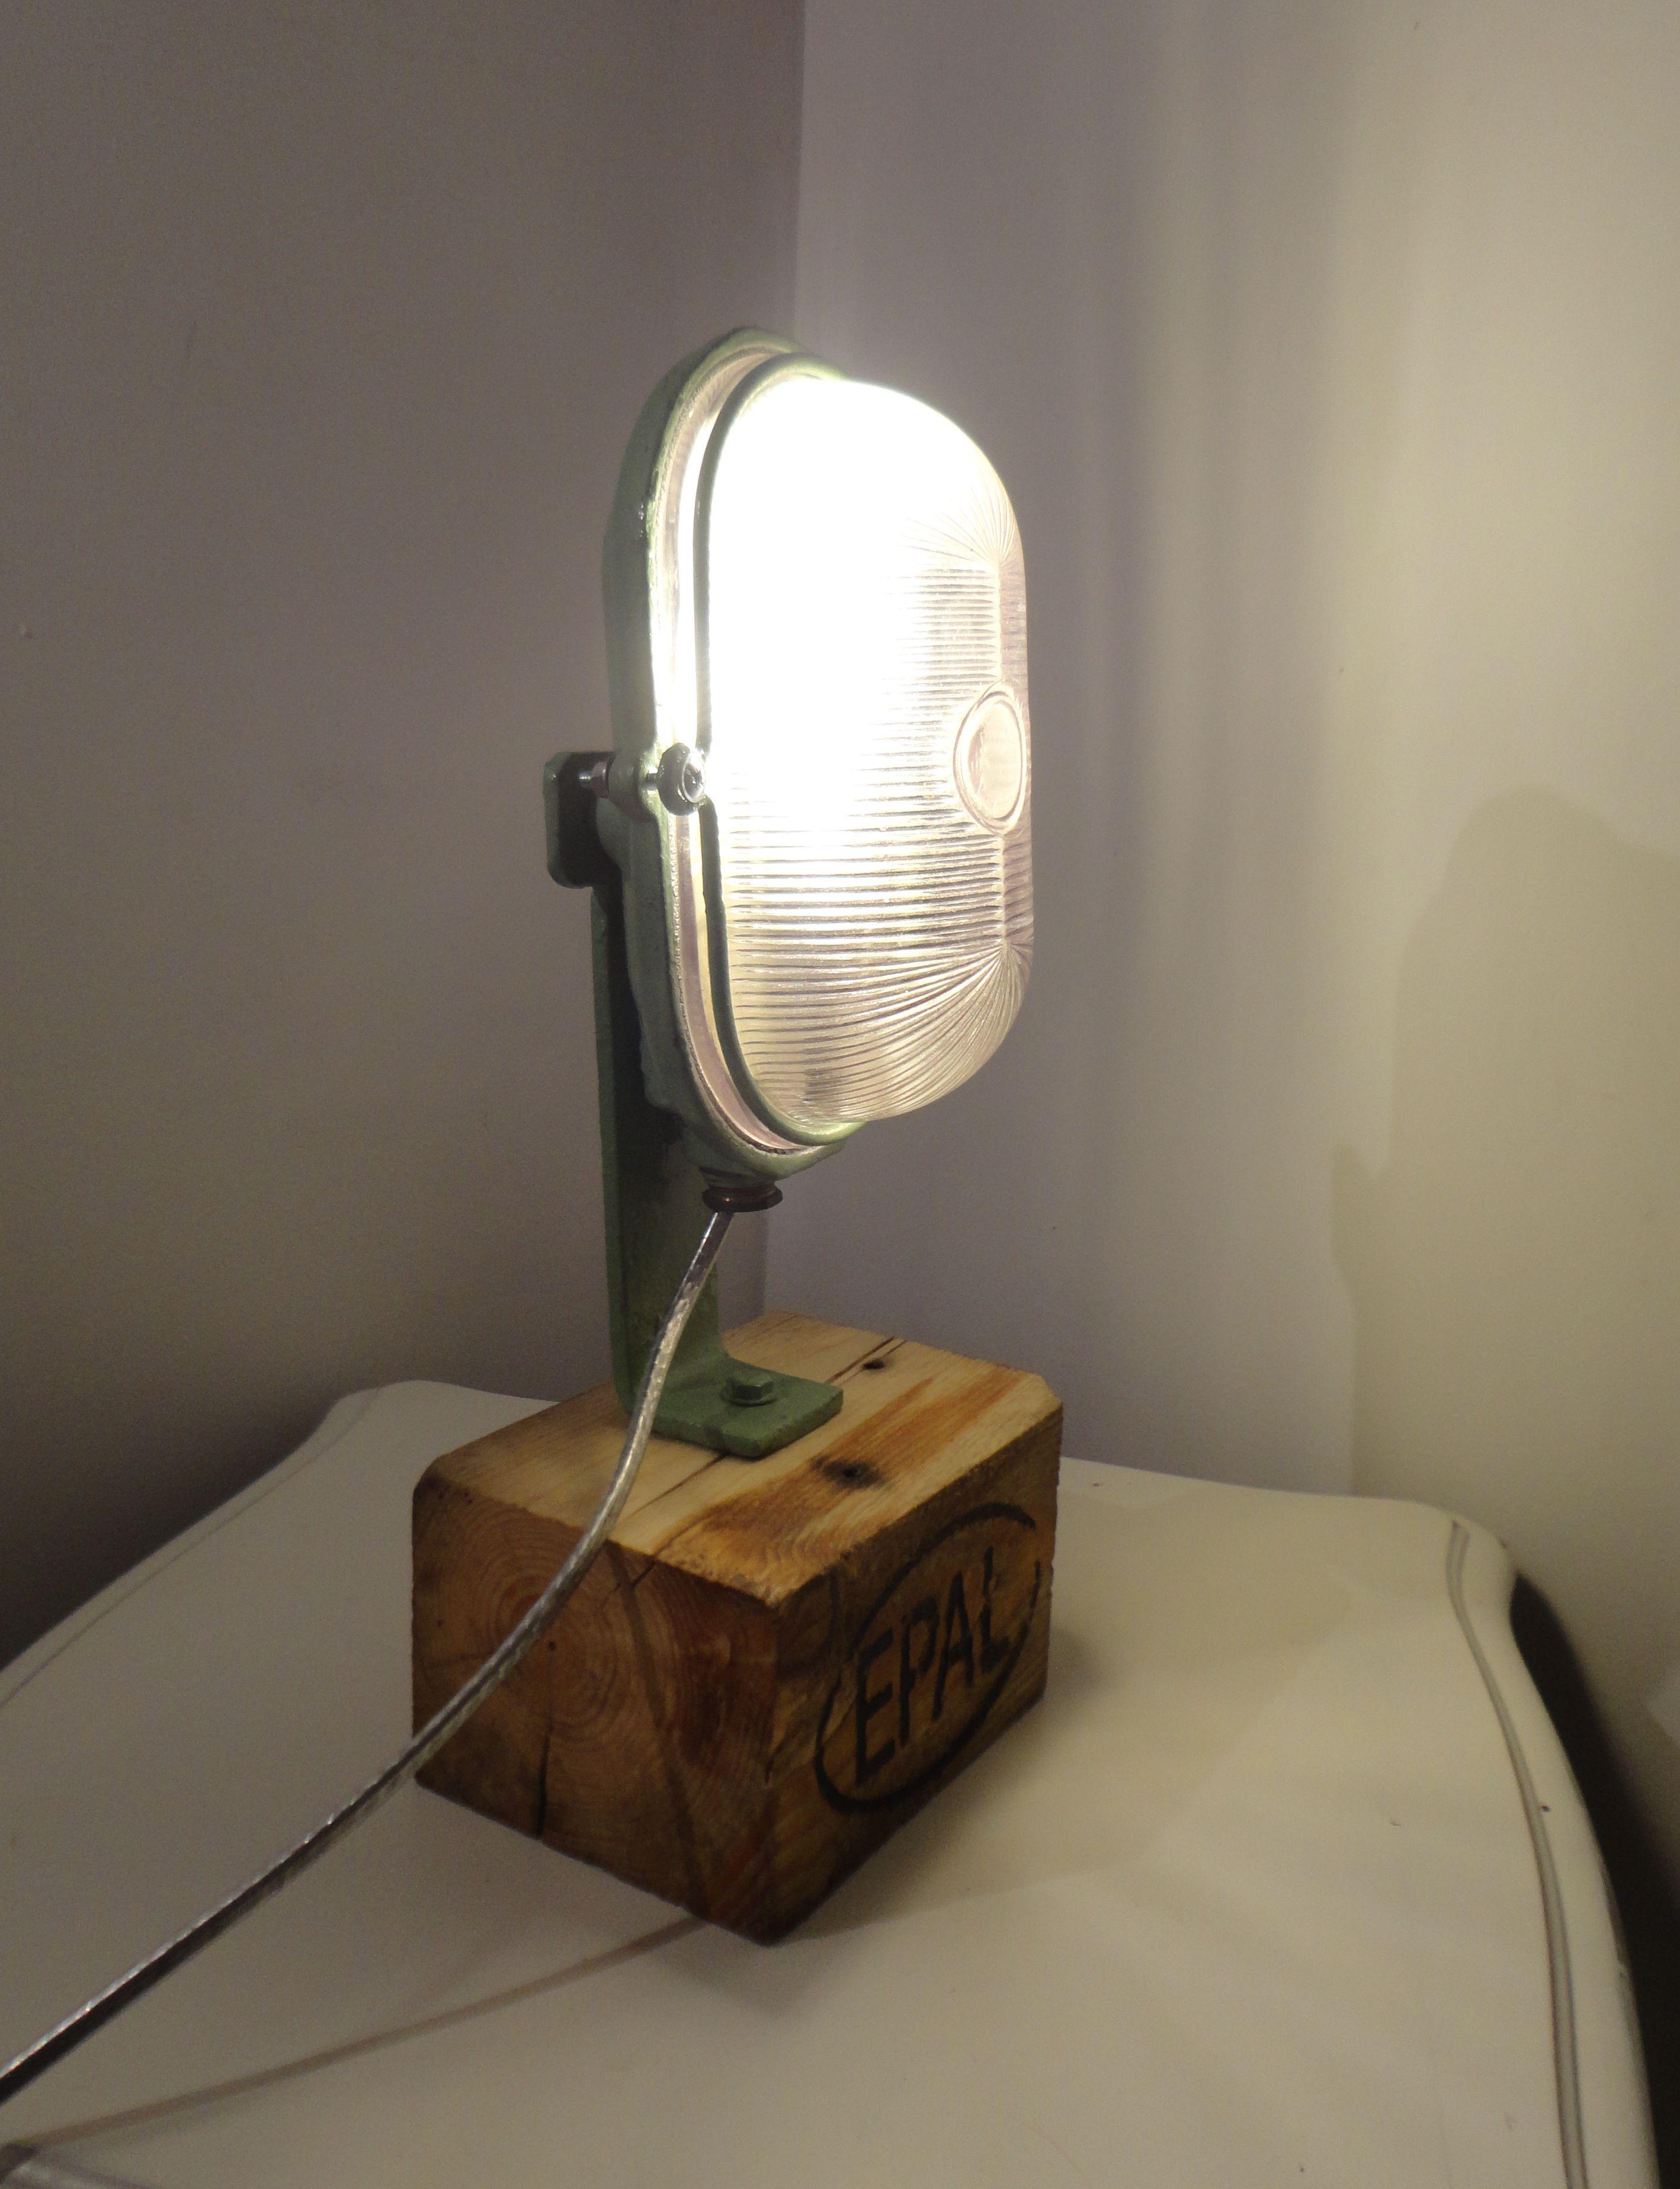 petite lampe de chevet ou d'ambiance, à poser sur un meuble. l